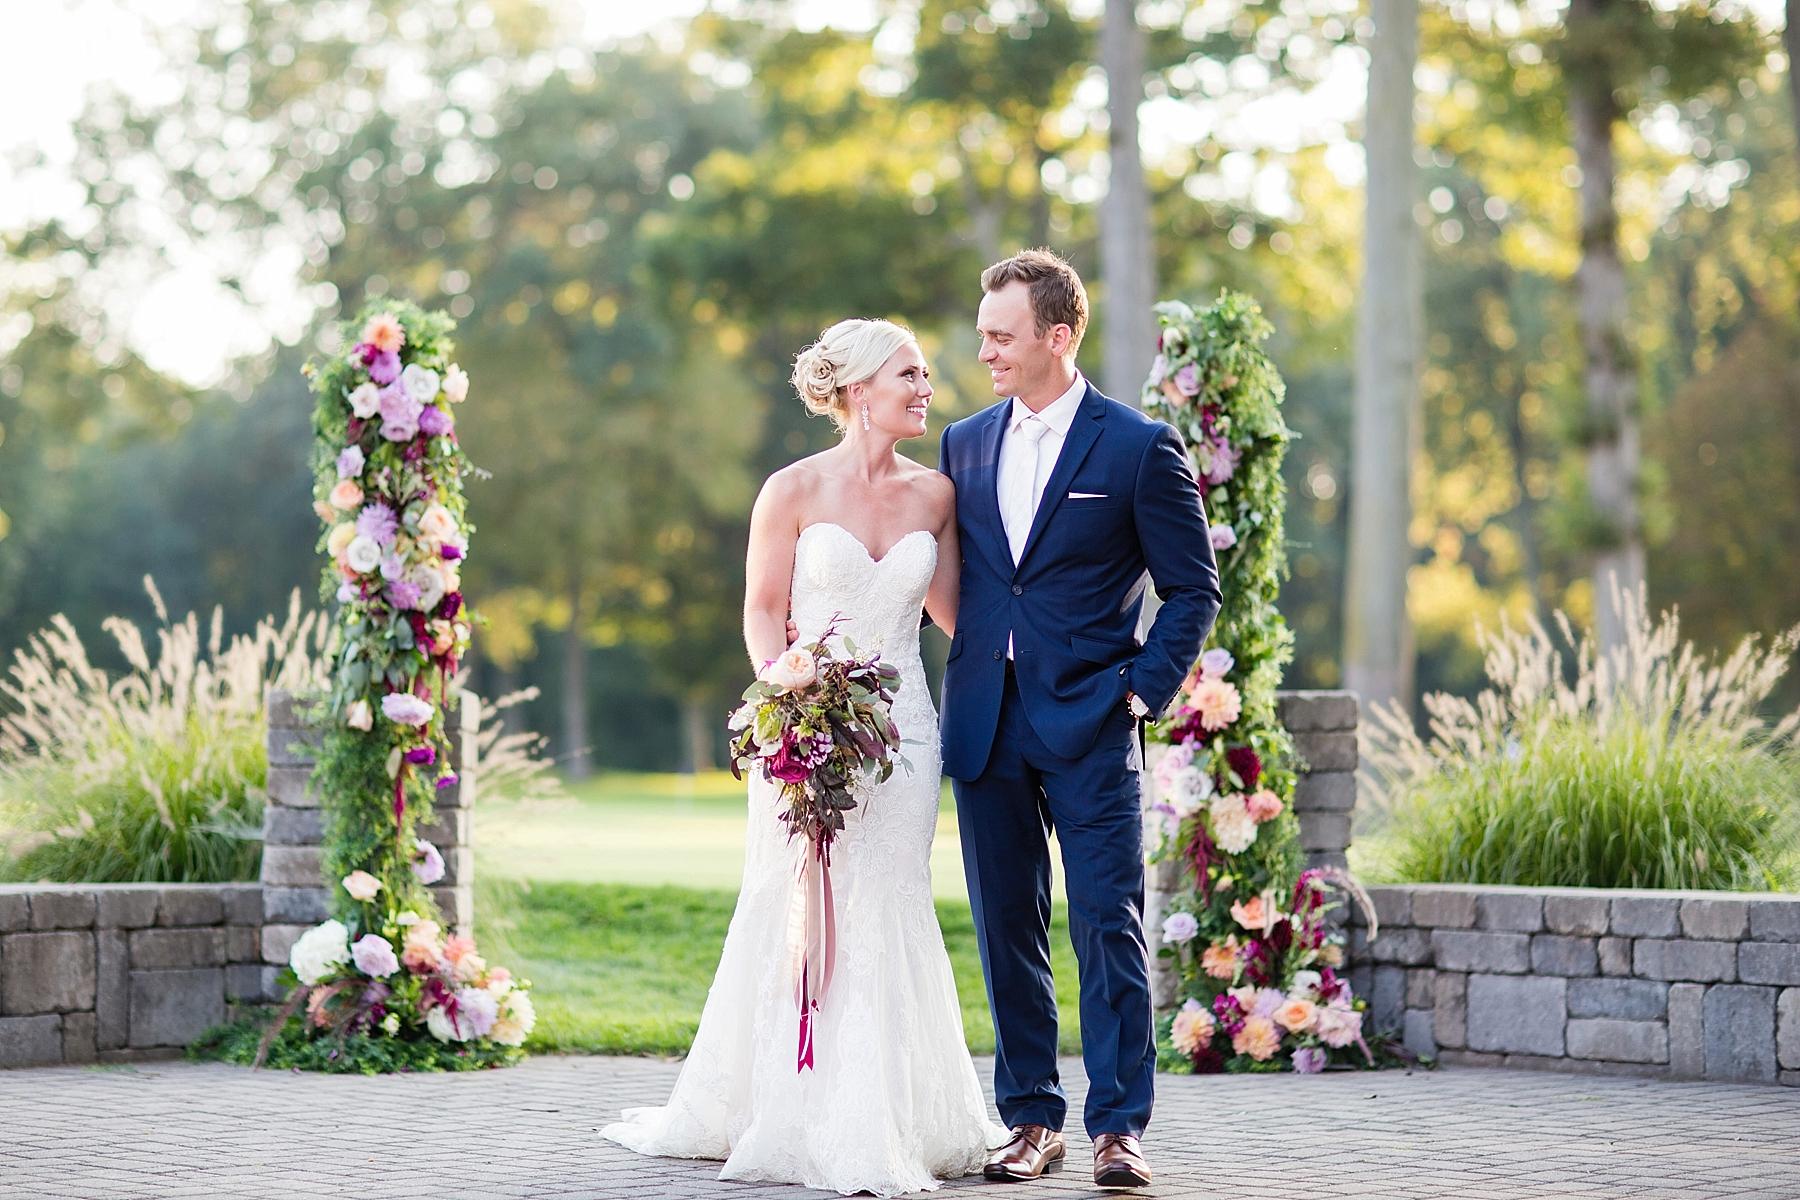 windsor-wedding-photographer-essex-golf-country-club-wedding-eryn-shea-photography_0063.jpg